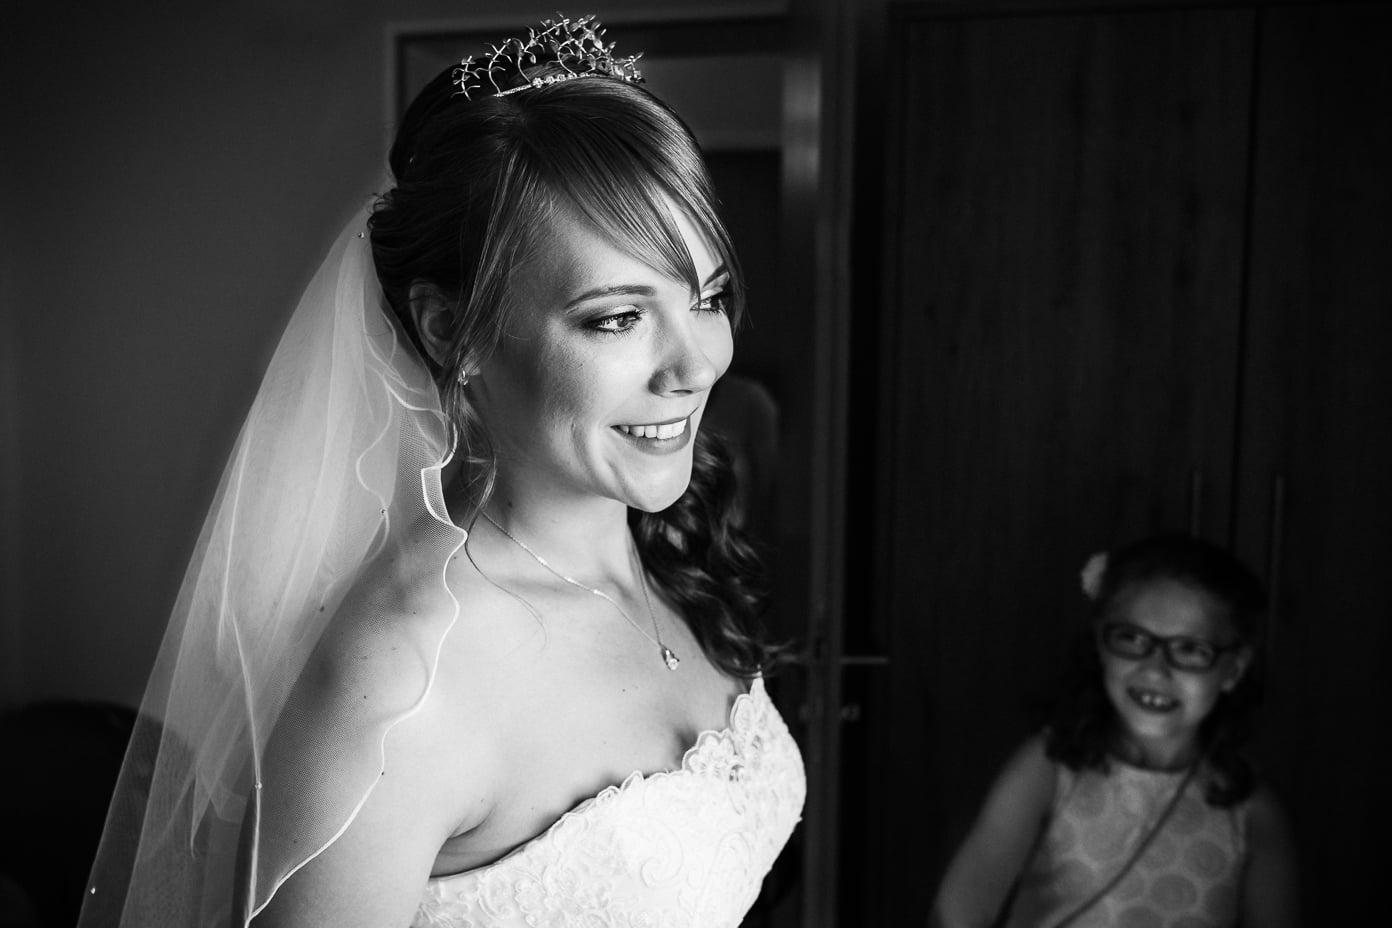 Braut wird bestaunt von Kind beim Getting Ready